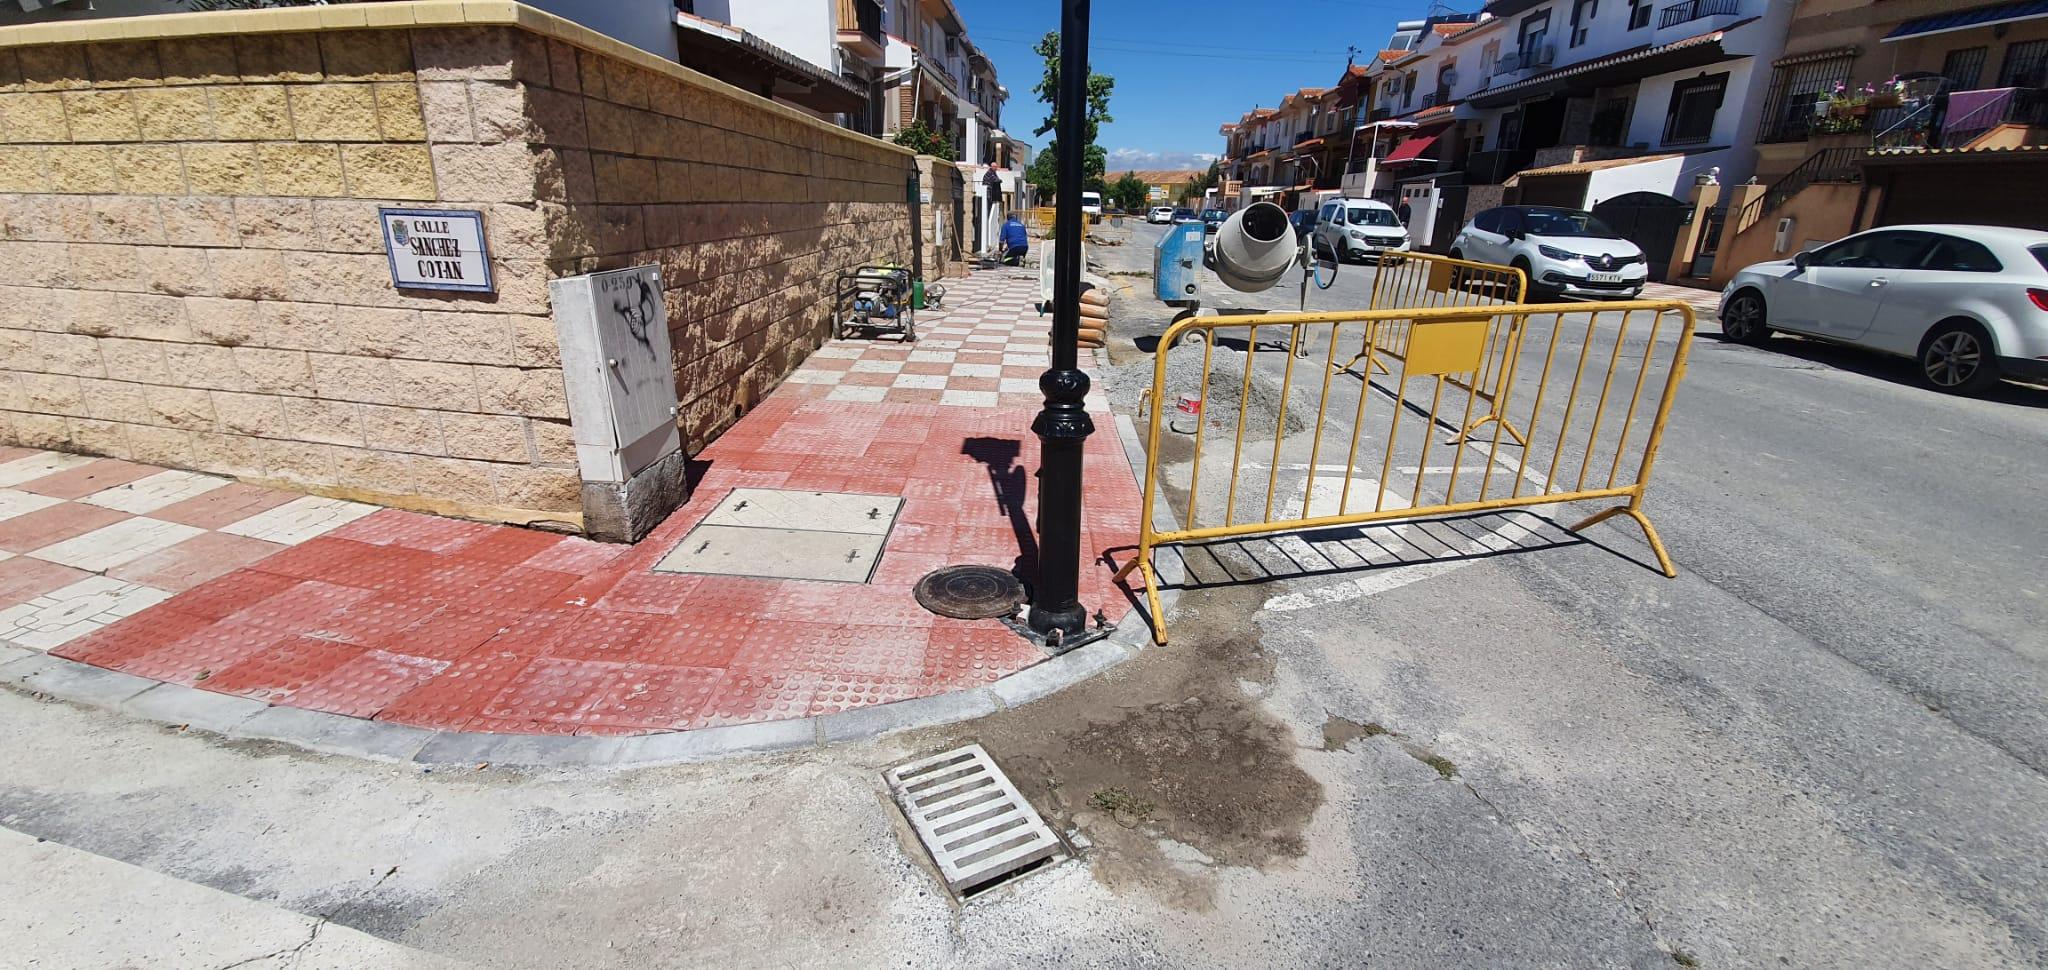 Cúllar Vega retoma las obras públicas tras el confinamiento y remodela el Camino de las Galeras